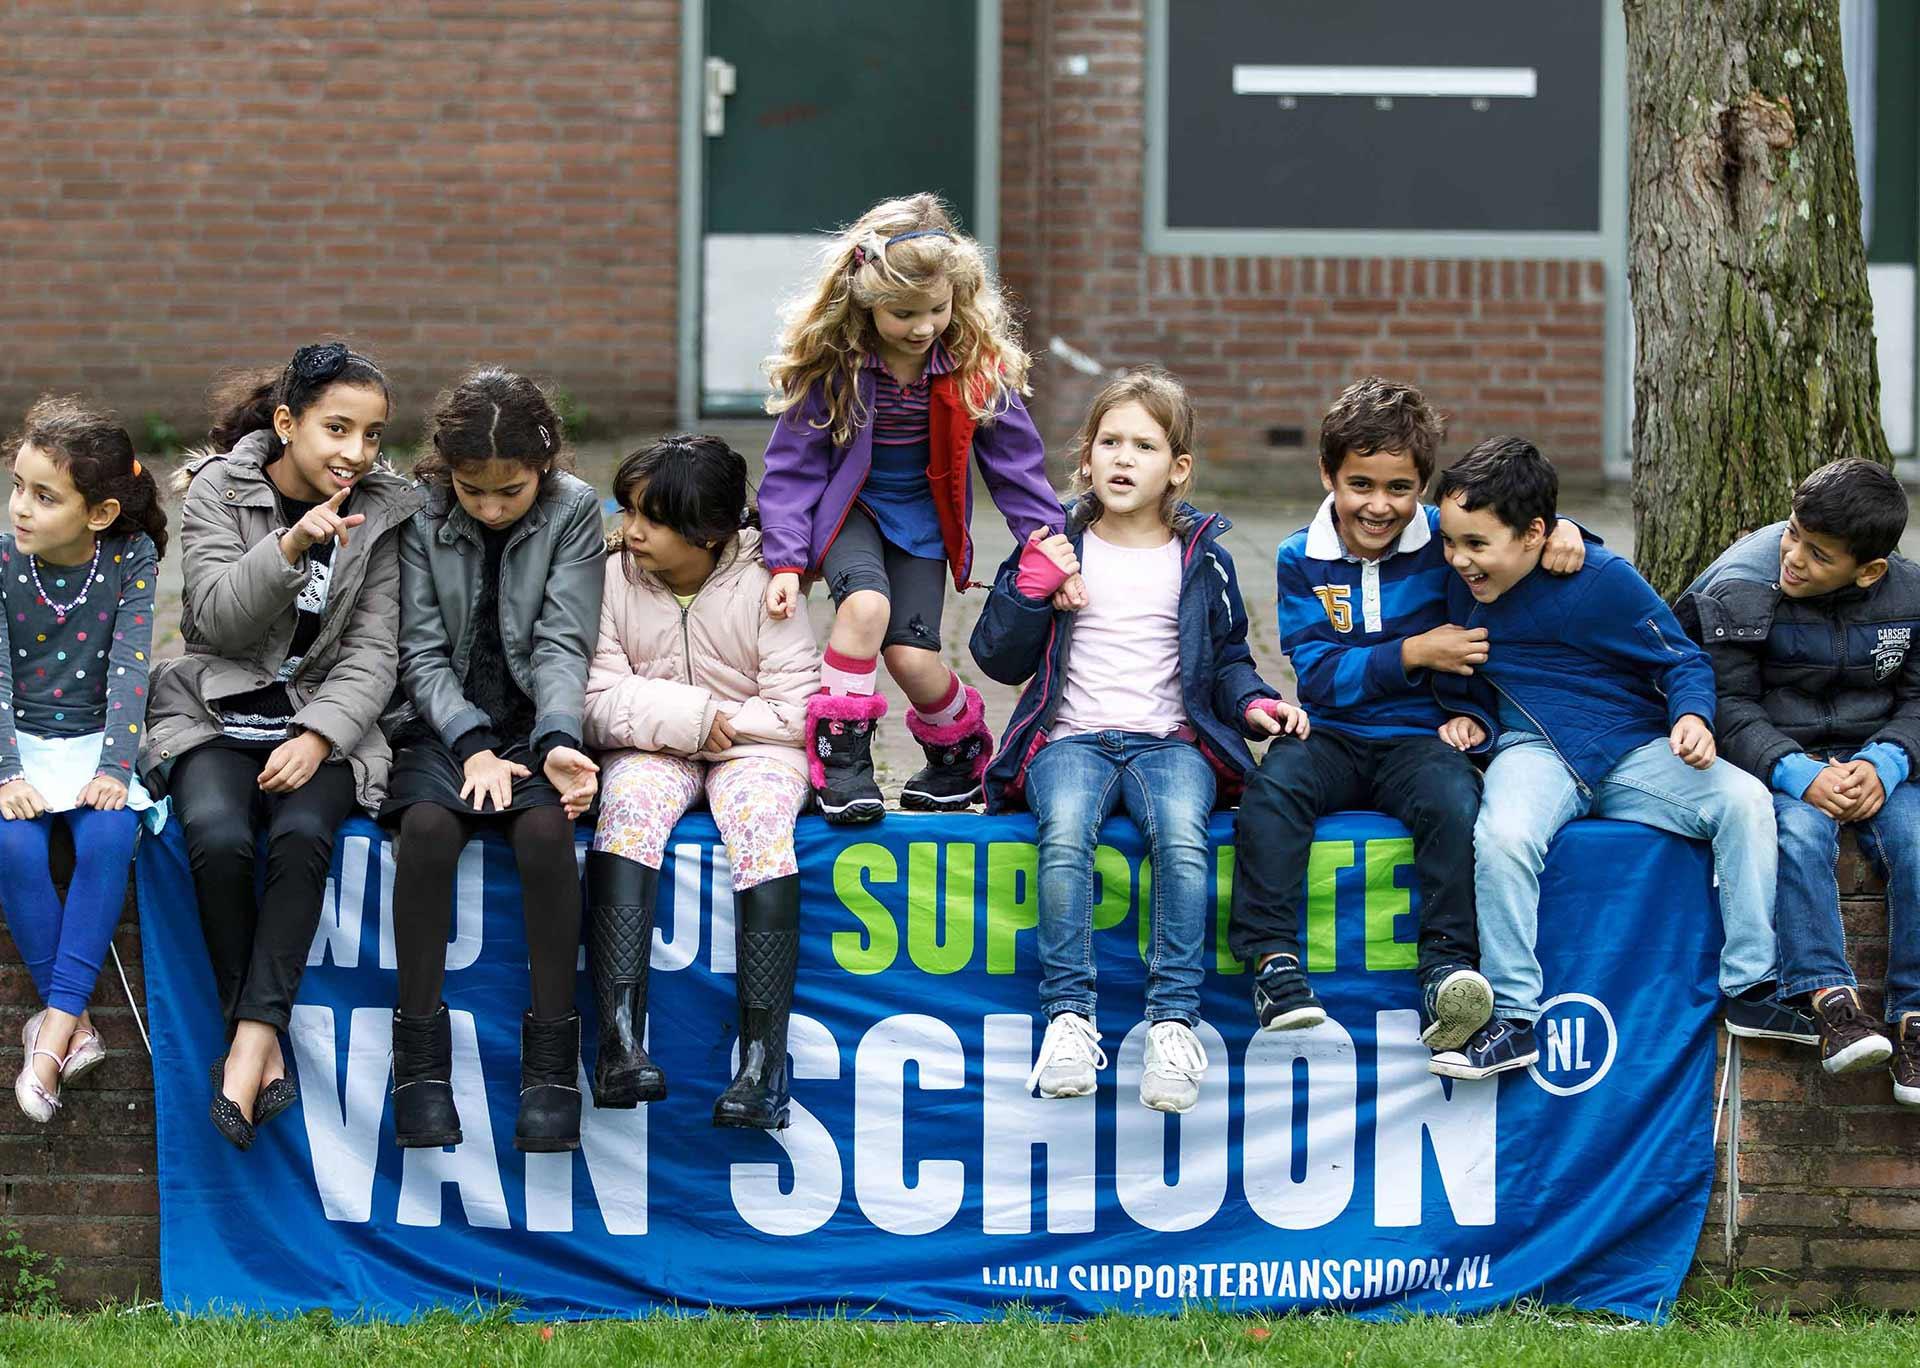 onlinemagazine_Nederland_Schoon_DutchGiraffe_03